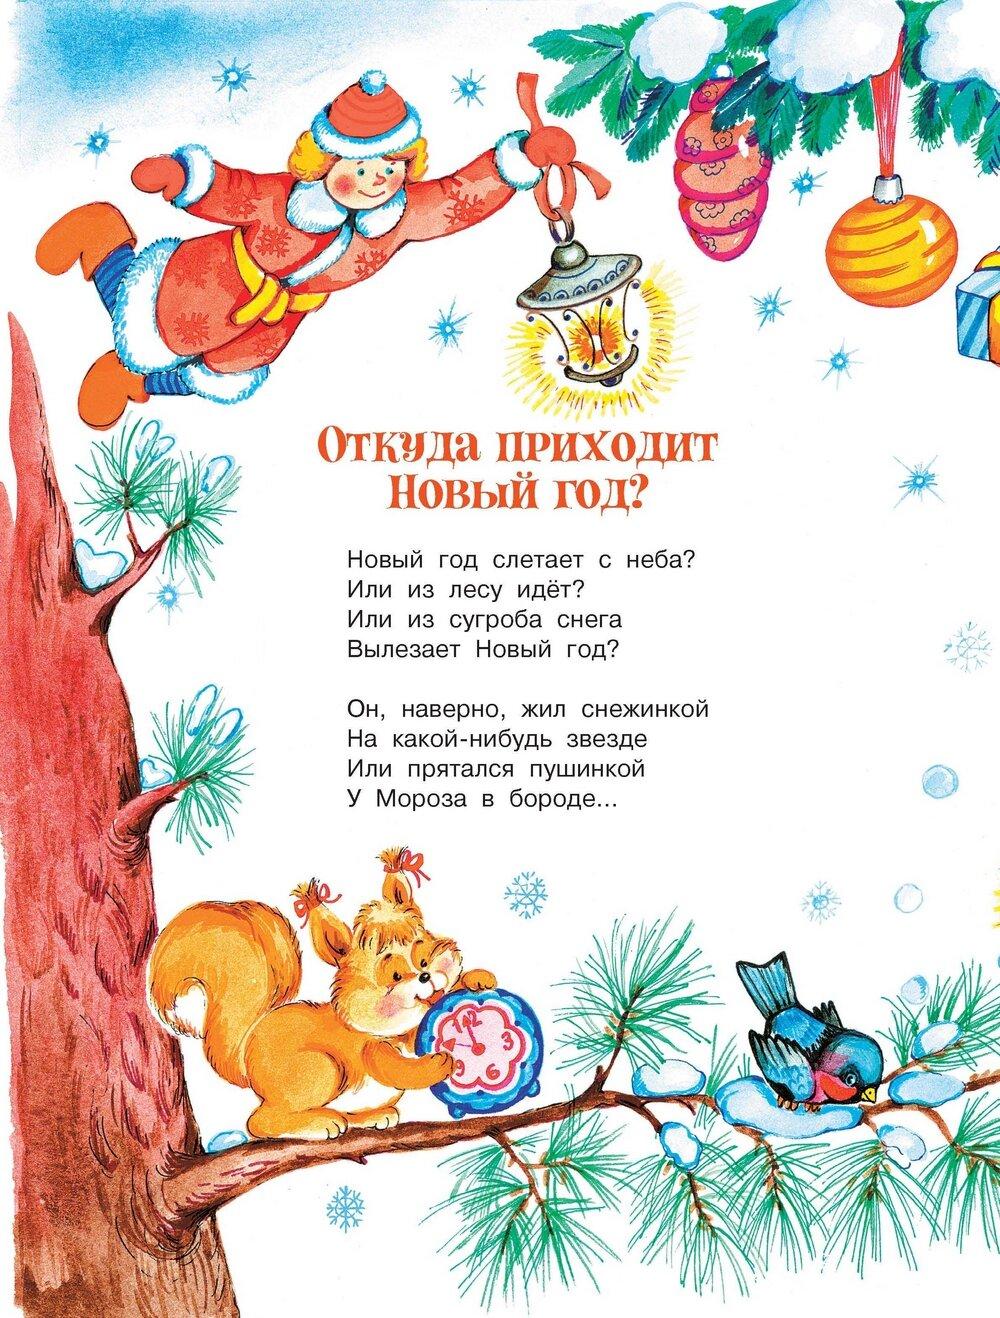 Стихи про нового года для детей